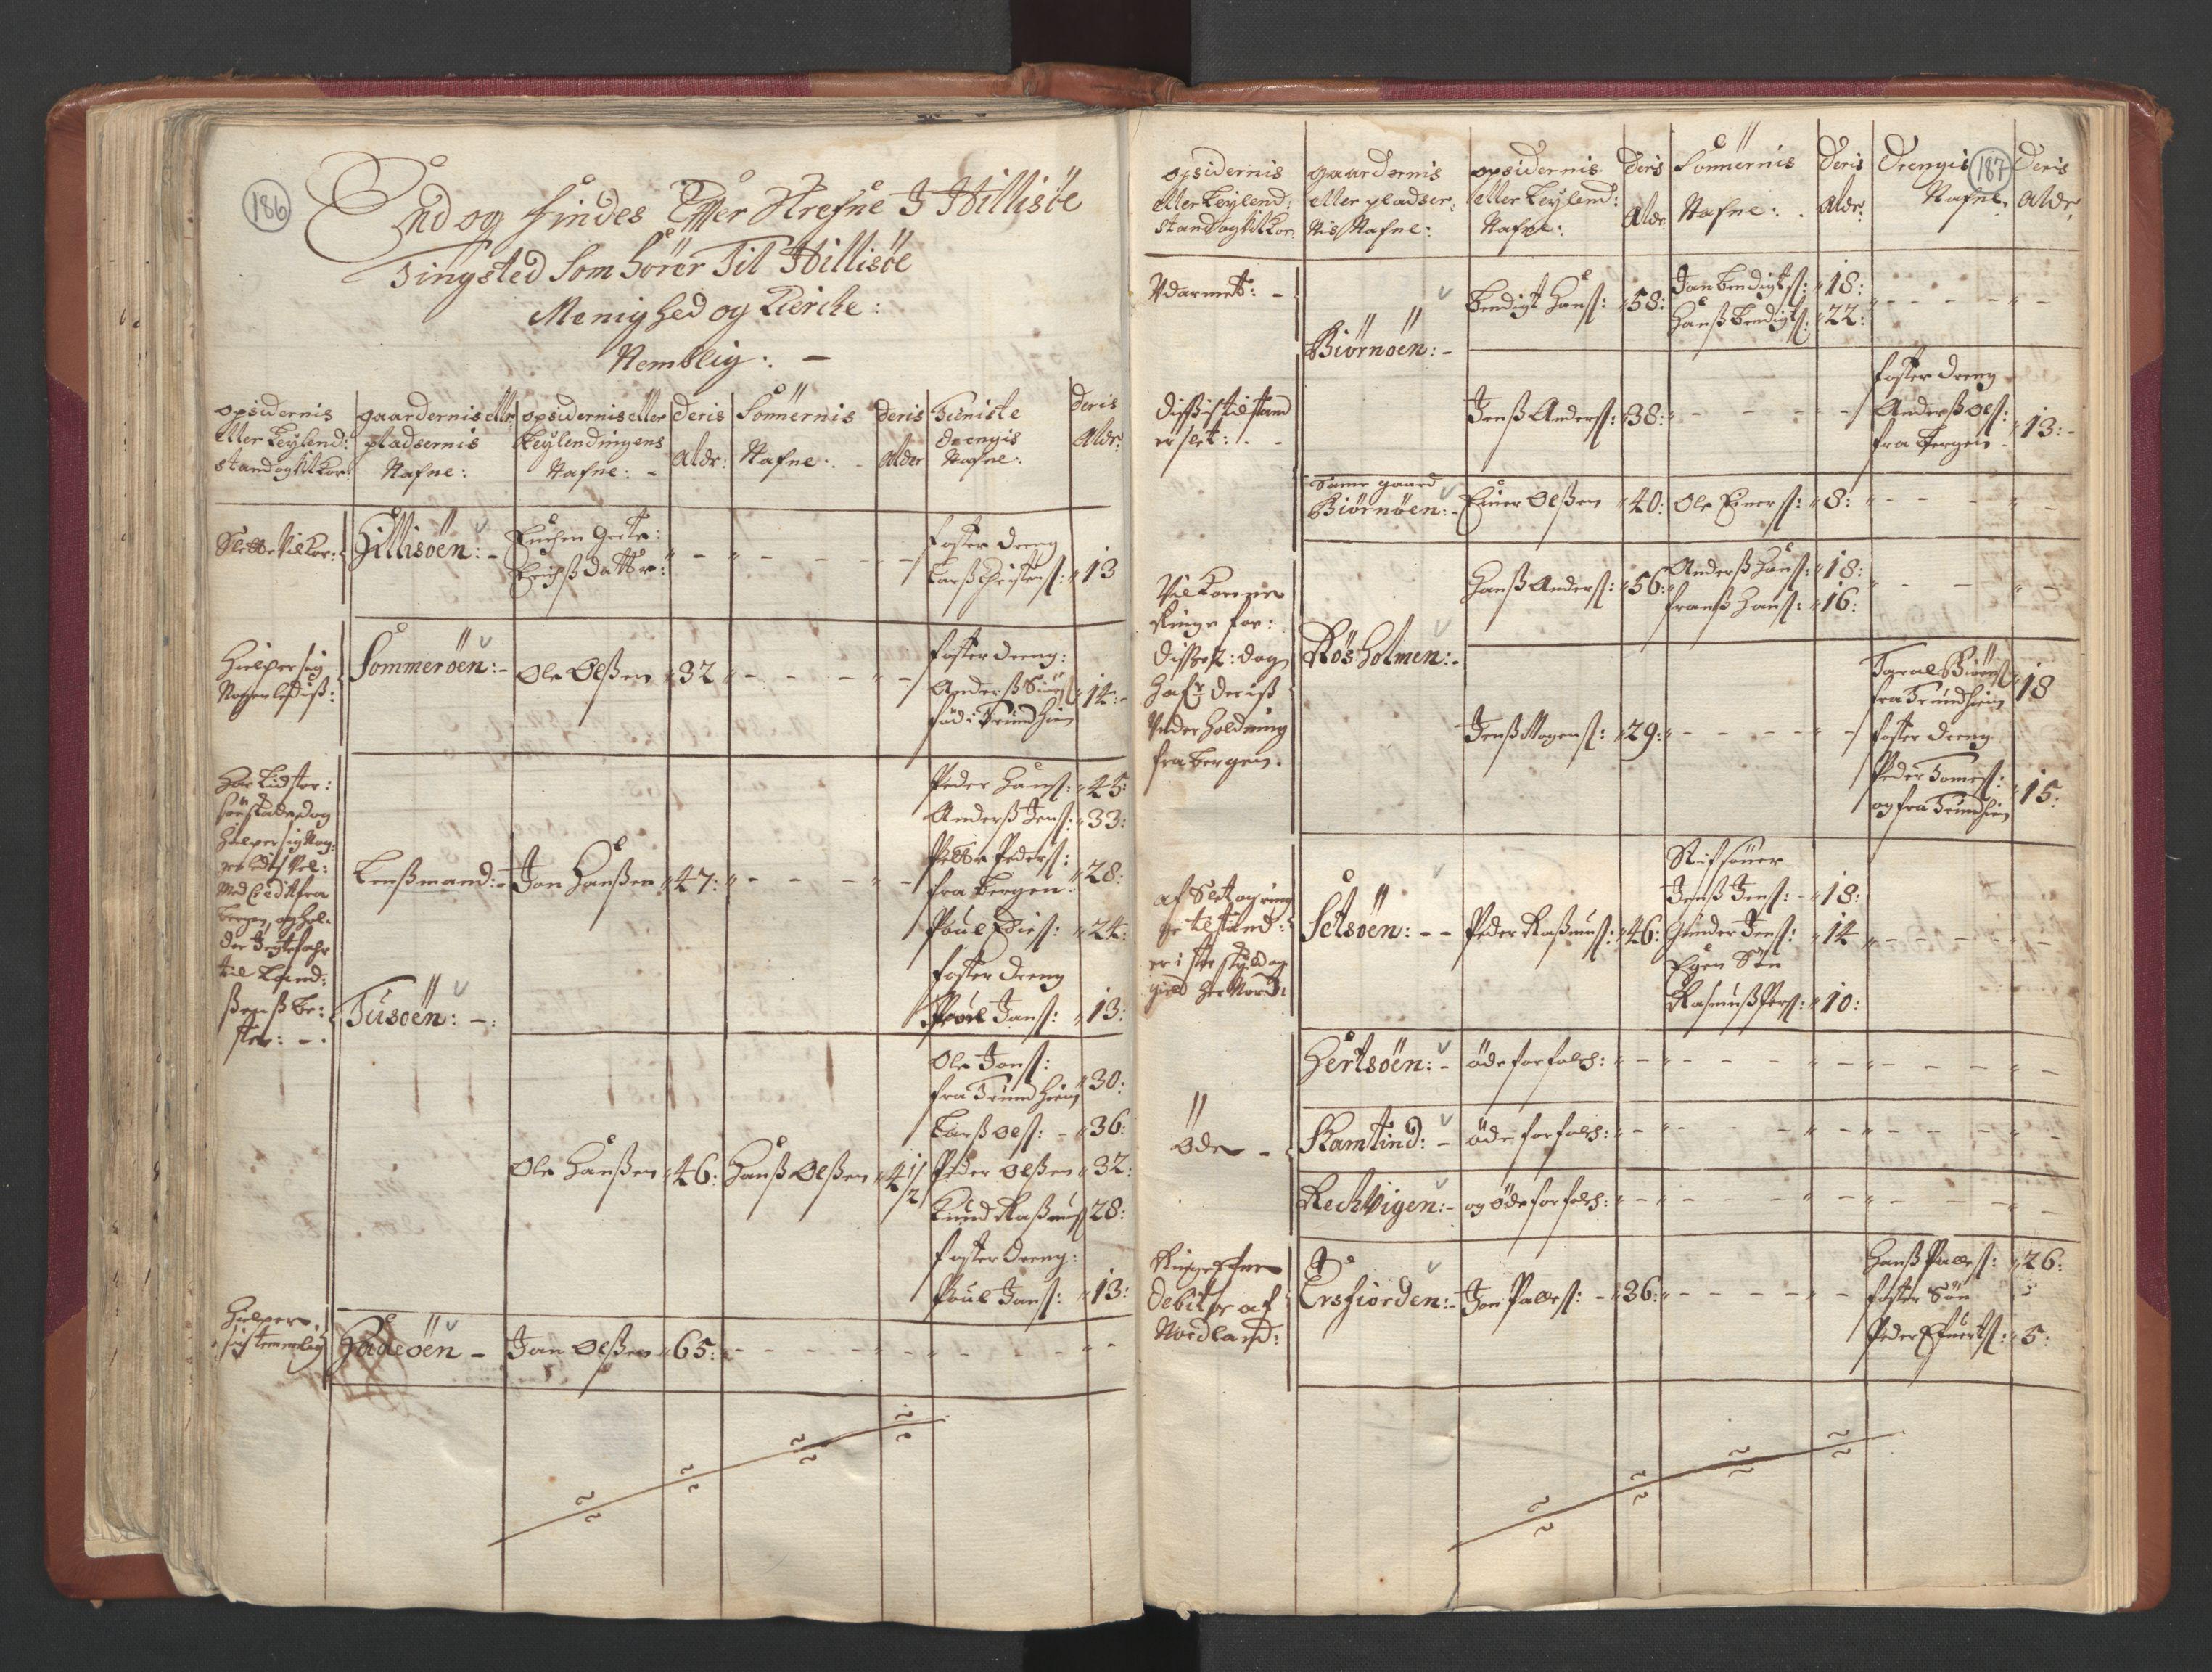 RA, Manntallet 1701, nr. 19: Senja og Tromsø fogderi, 1701, s. 186-187